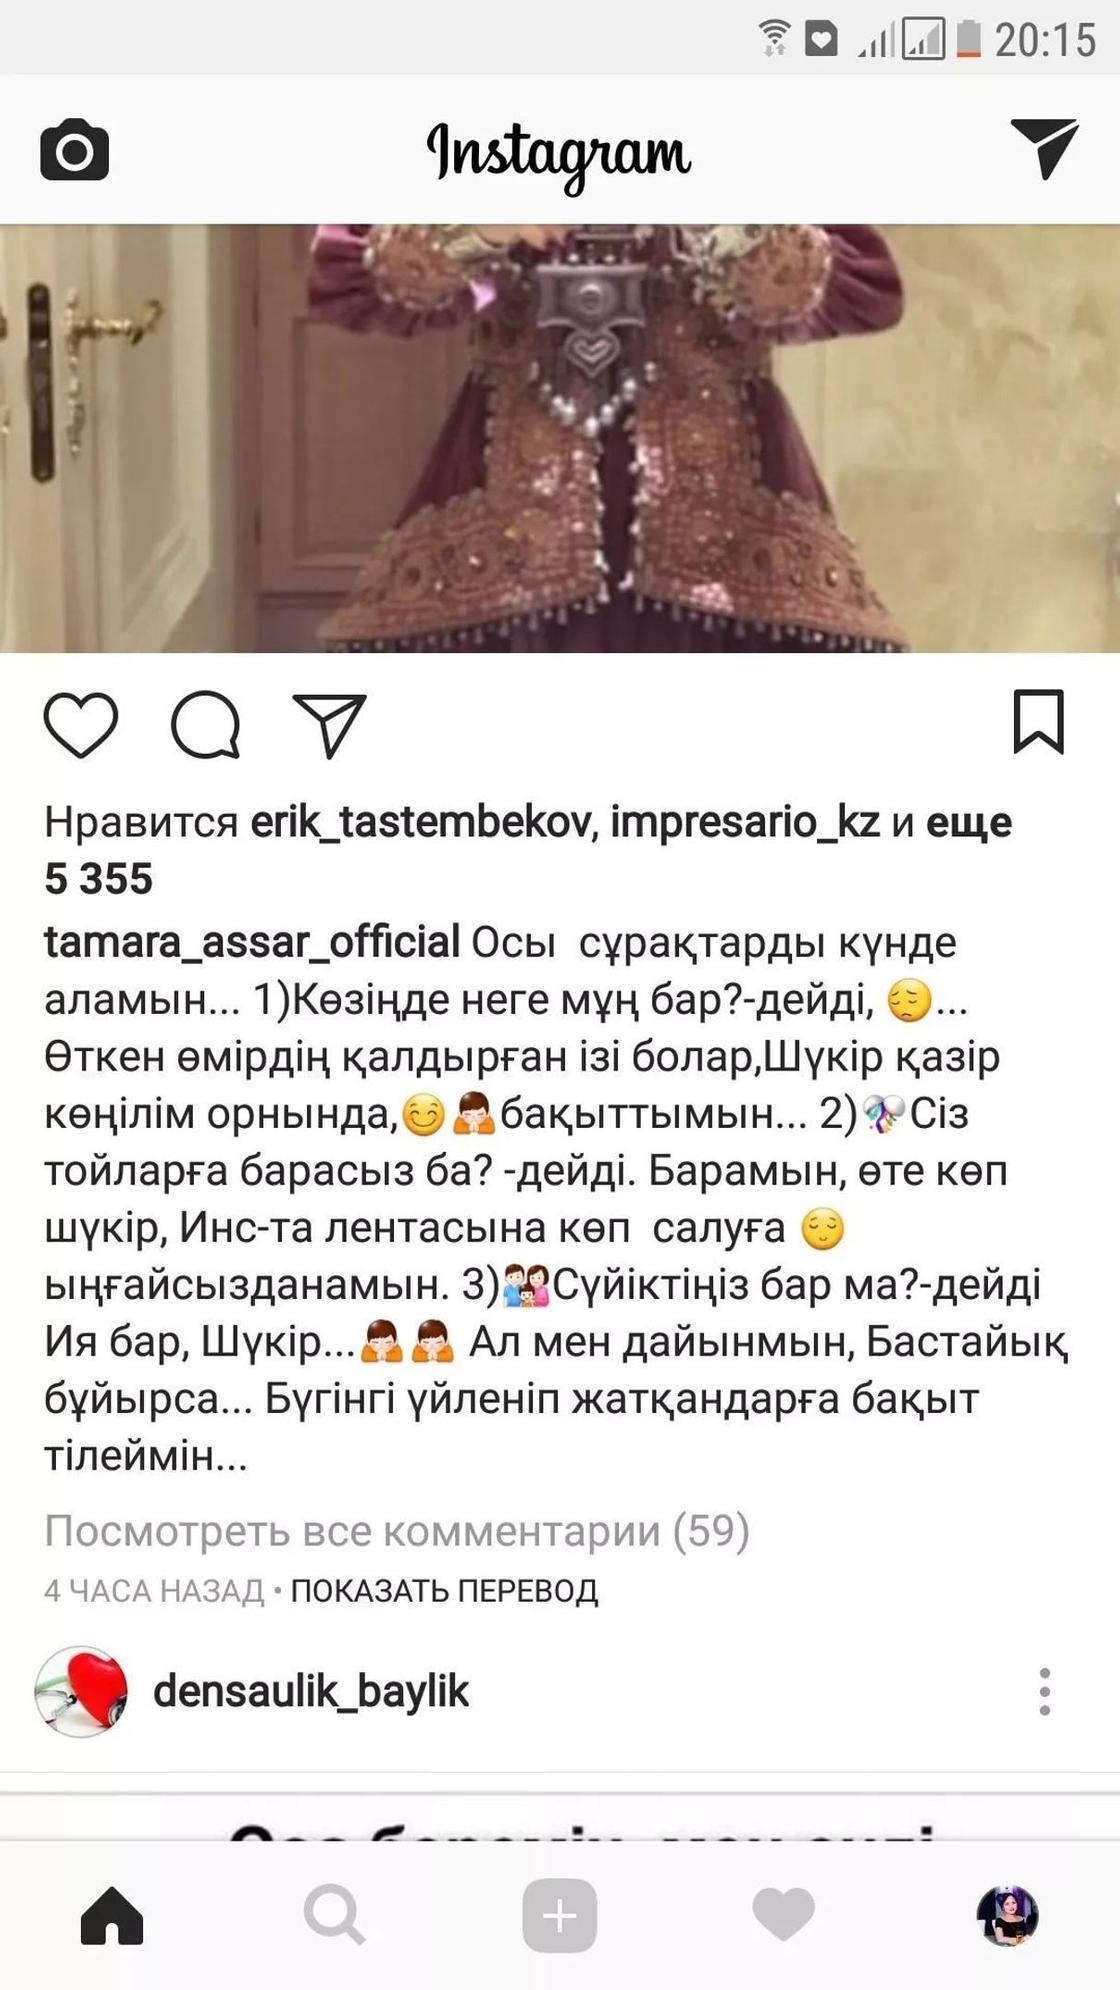 Тамара Асар сүйіктісінің бар екенін мойындады (фото)